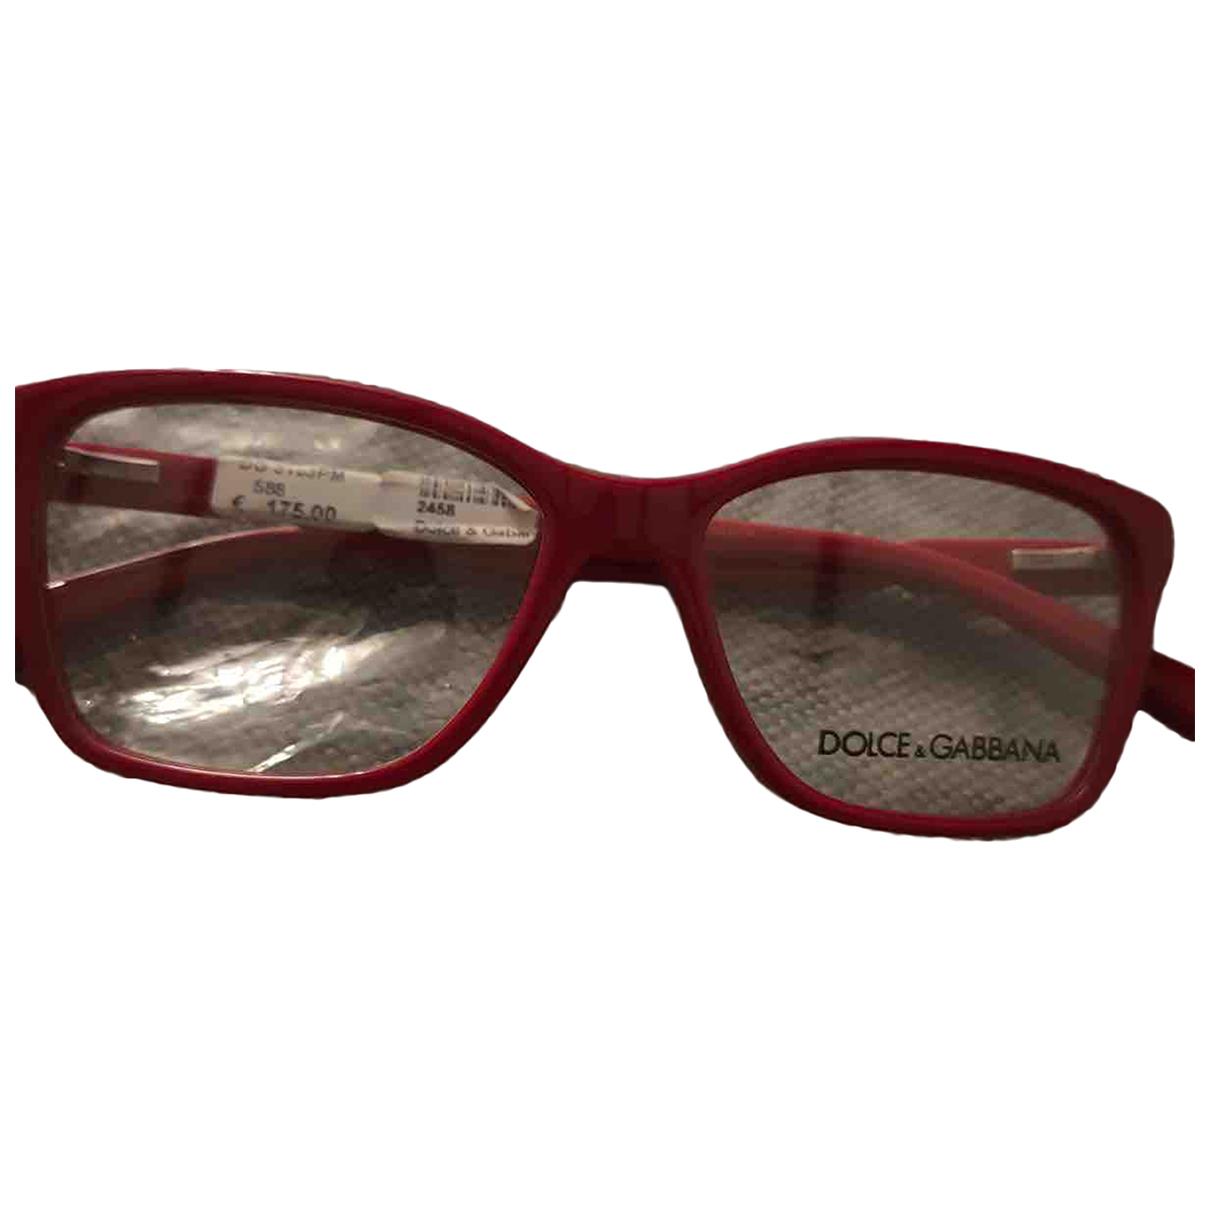 Dolce & Gabbana - Lunettes   pour femme - rouge